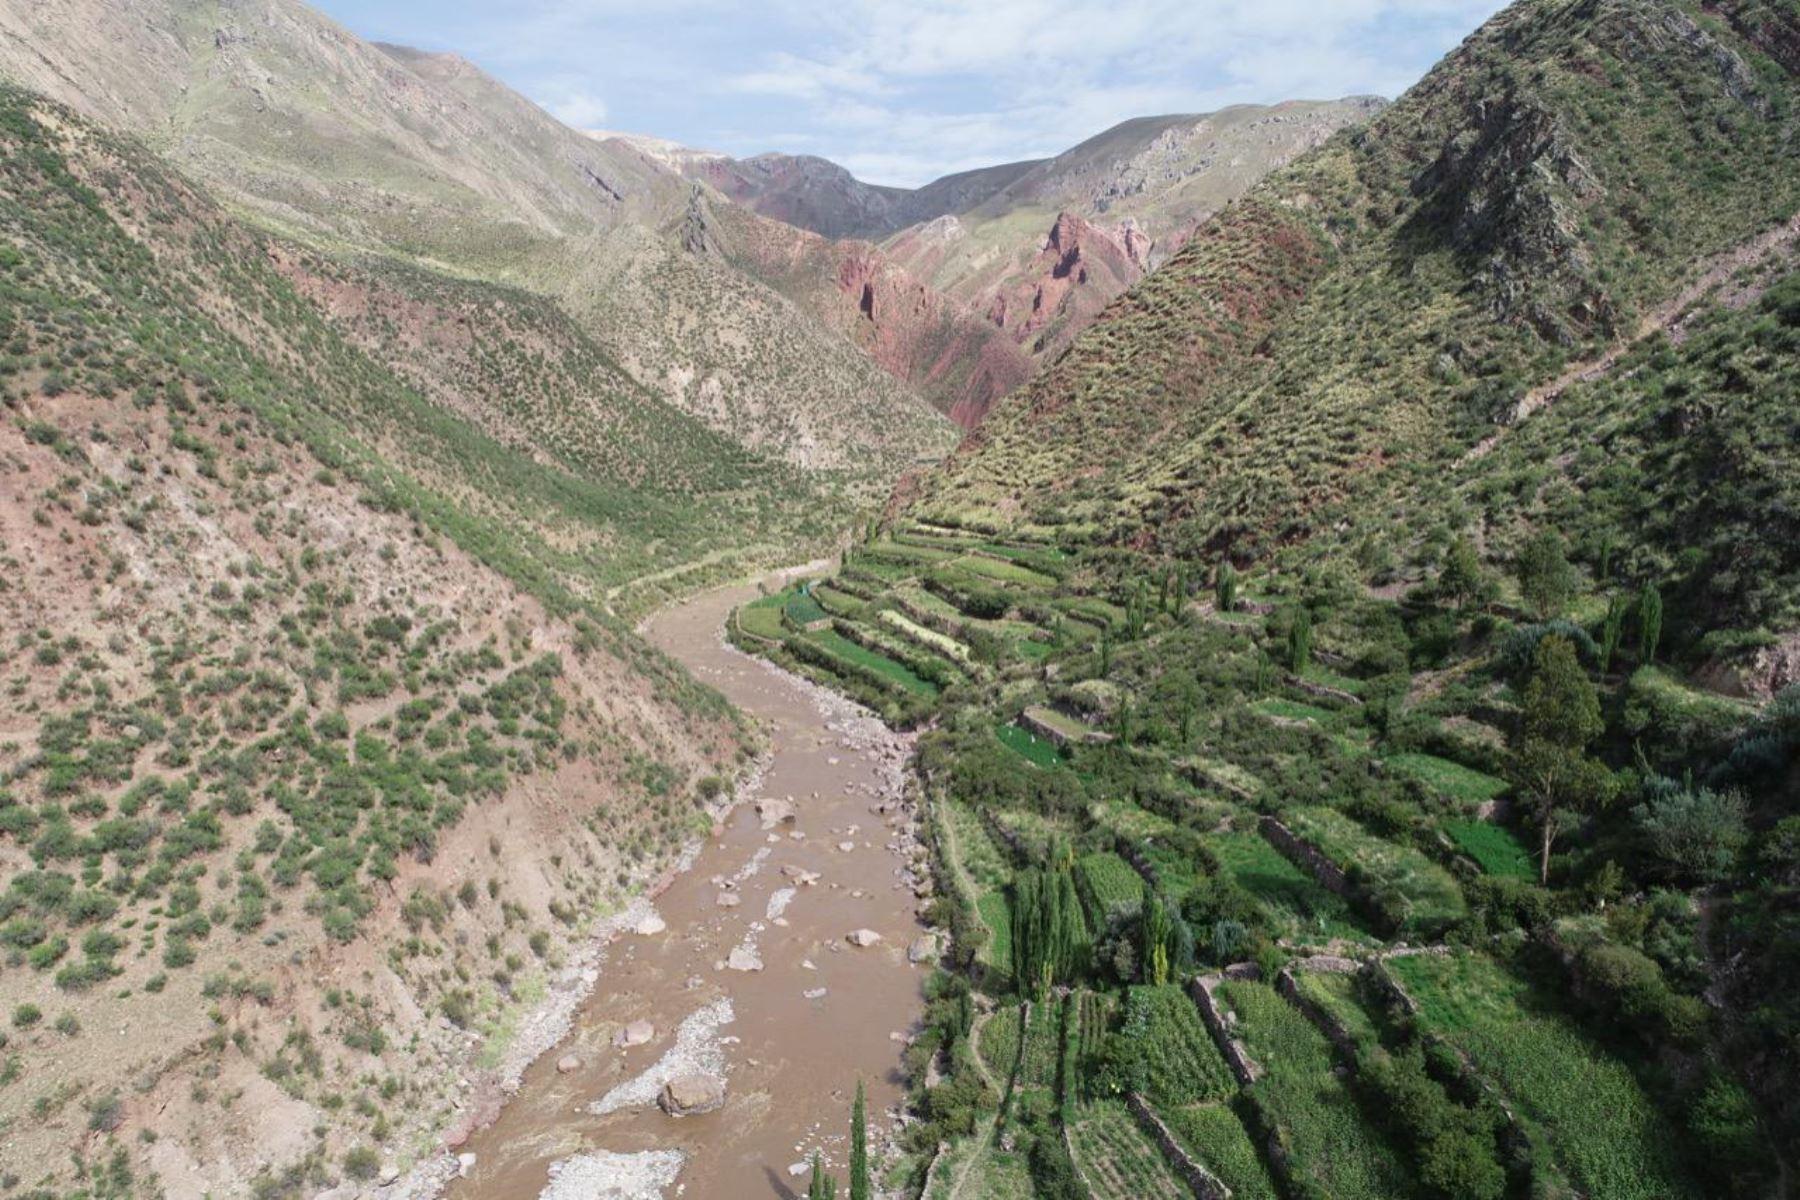 La futura construcción de la represa Yanapujio generará empleo y beneficiará a los pobladores de Moquegua. ANDINA/Difusión